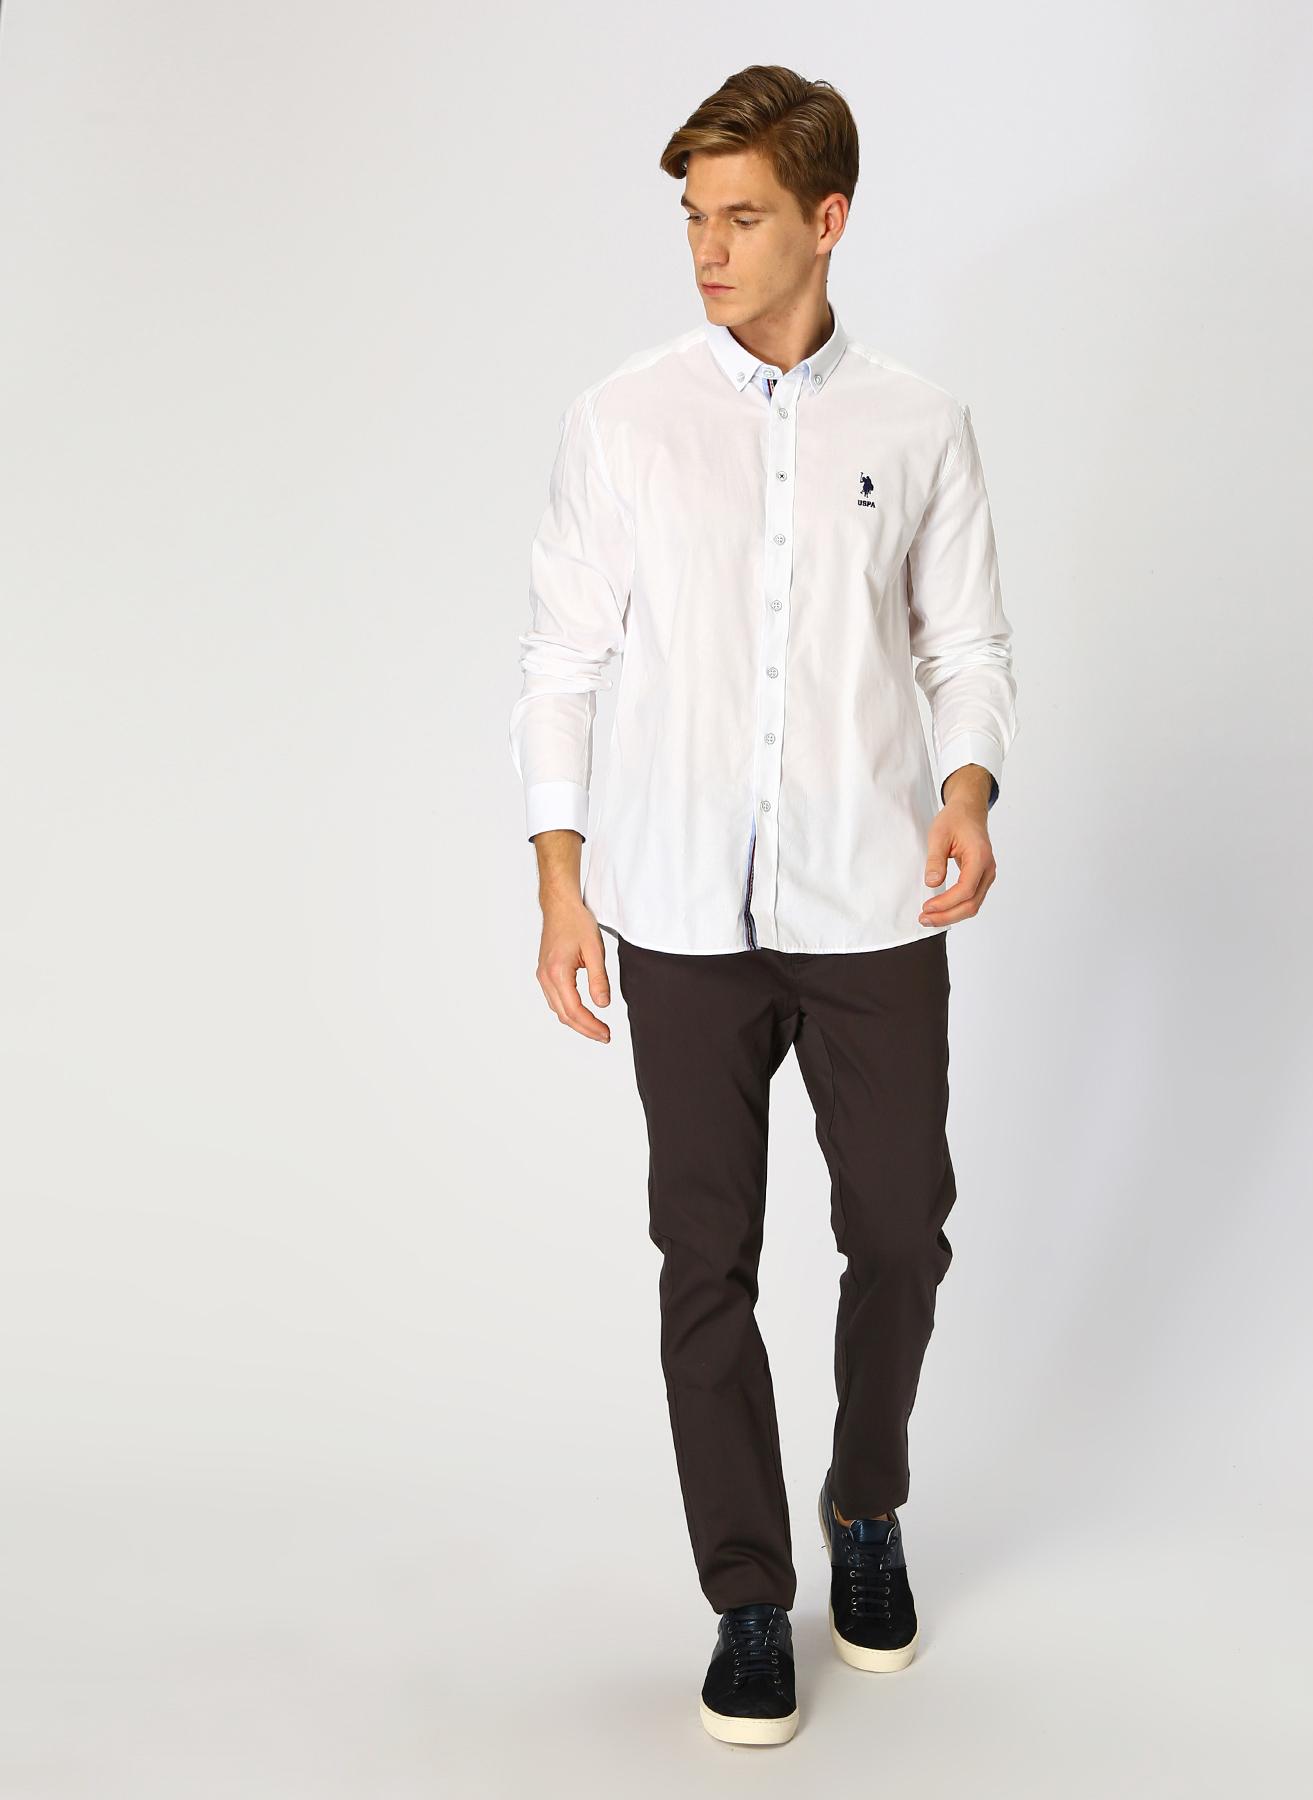 U.S. Polo Assn. Antrasit Klasik Pantolon 34 5001704770007 Ürün Resmi